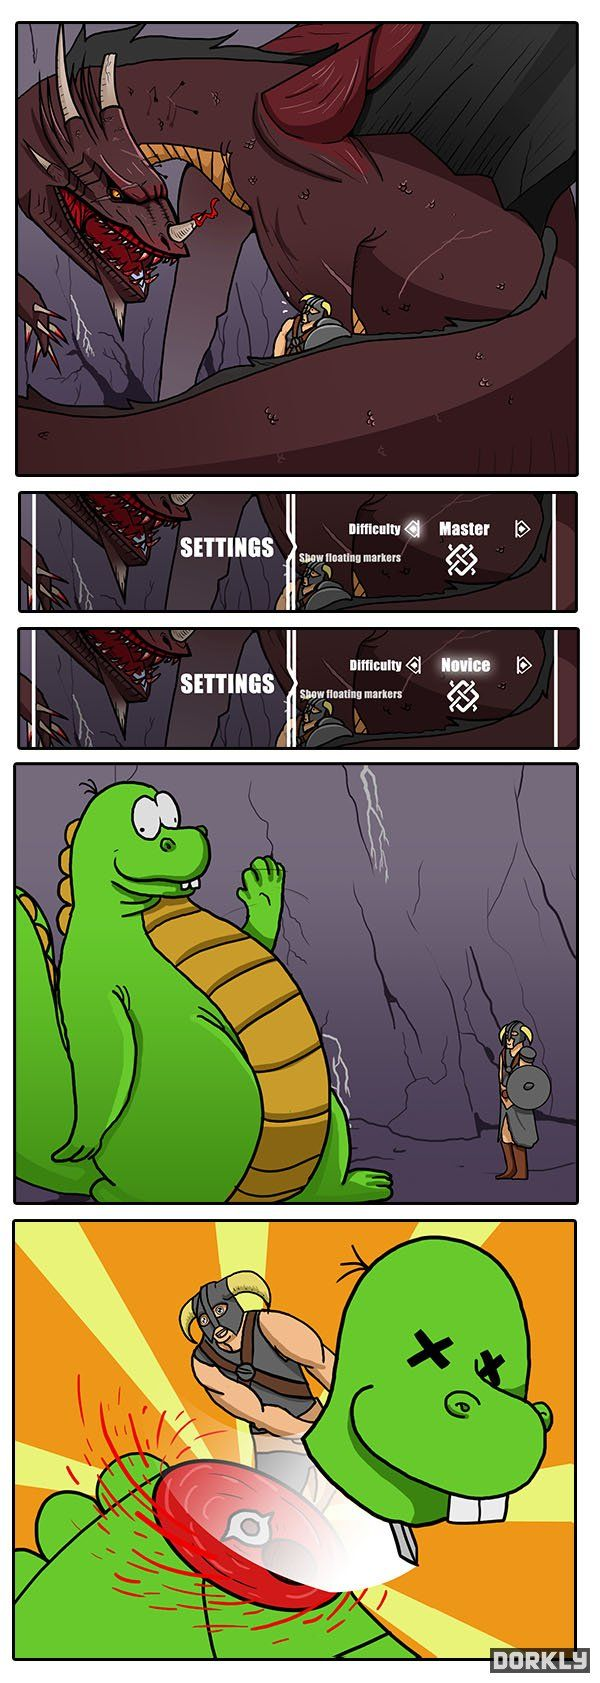 Skyrim gameplay... HEY THAT'S CHEATING!